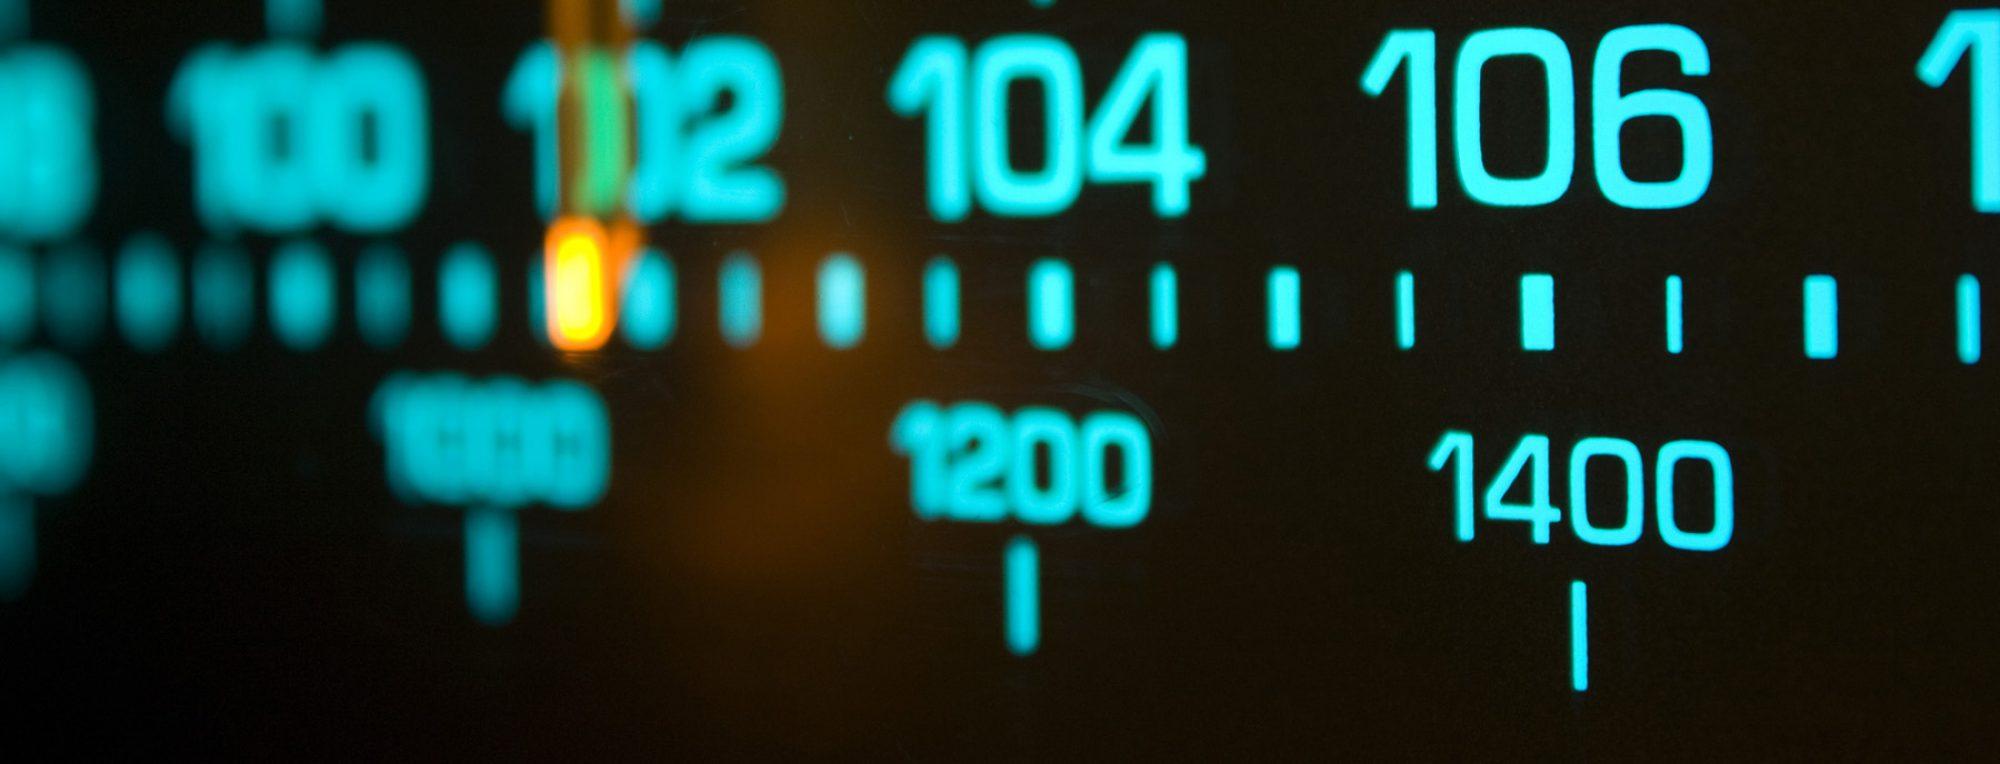 Hvem Slukket Lyset på FM?